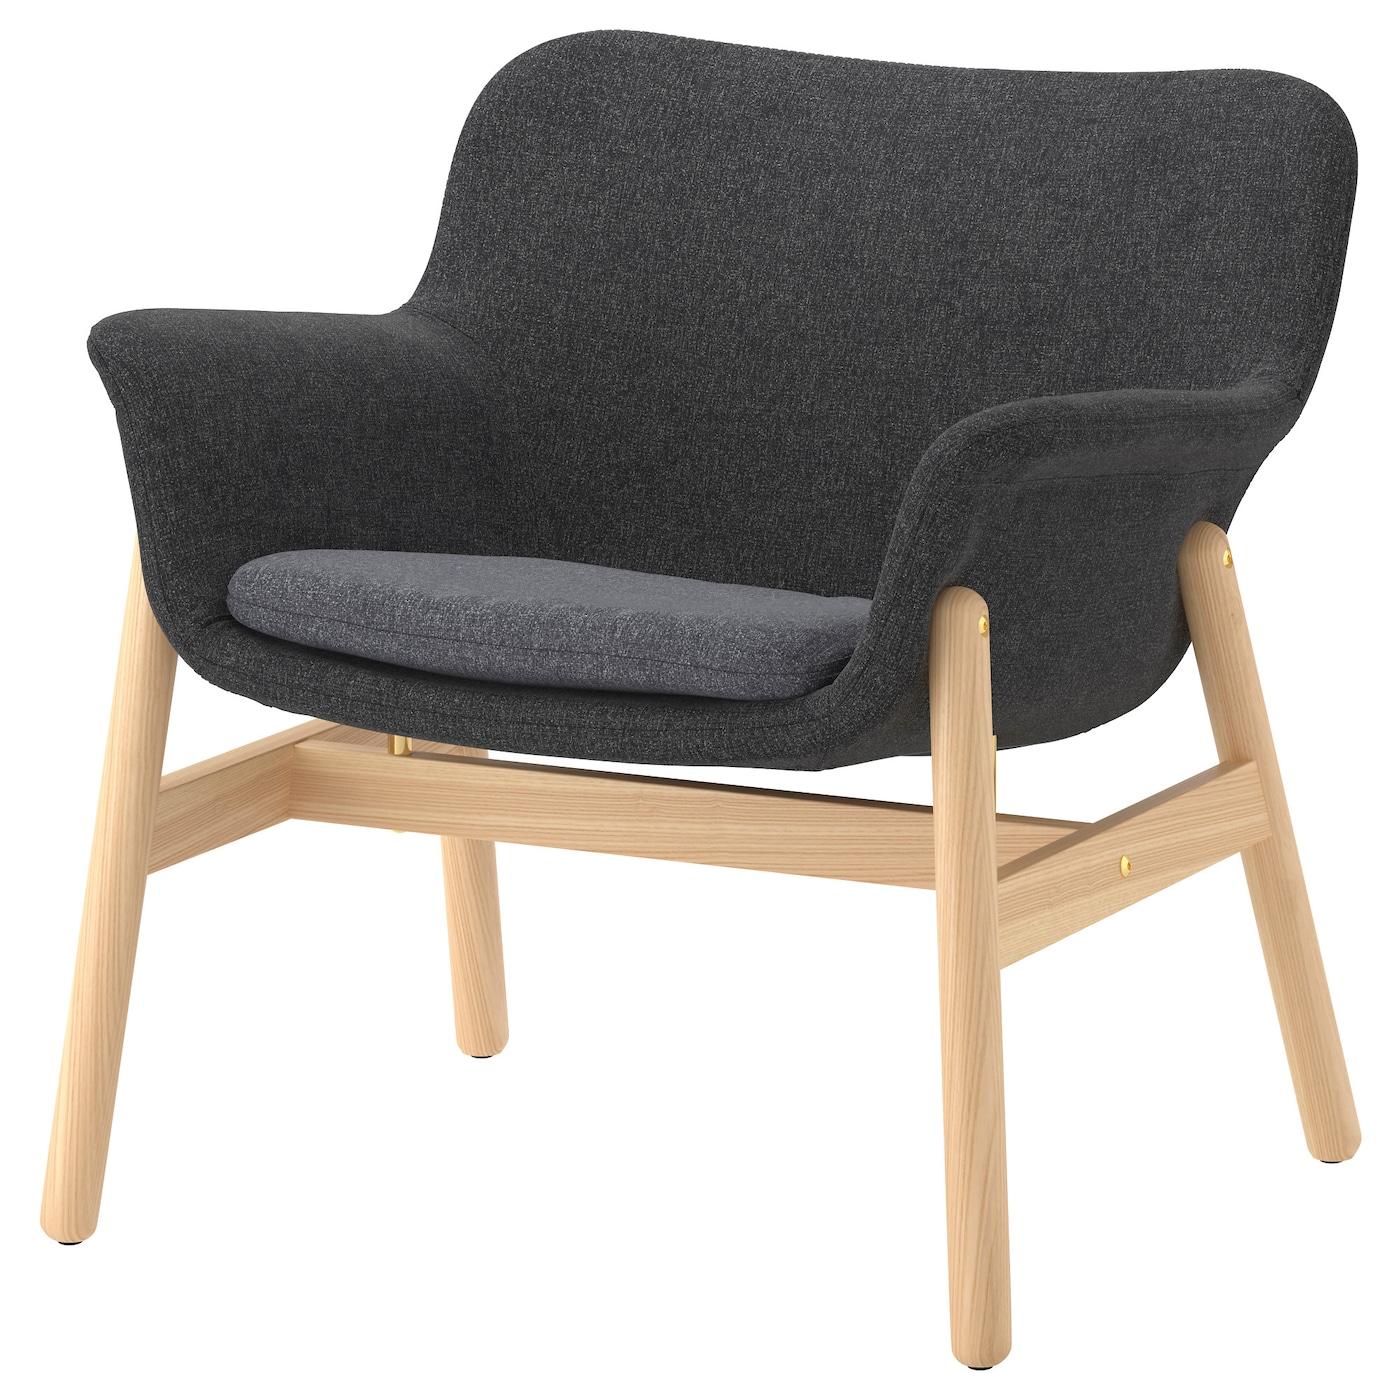 ikea vedbo fauteuil garantie 10 ans dtails des conditions dans le livret garantie - Fauteuil Scandinave Ikea